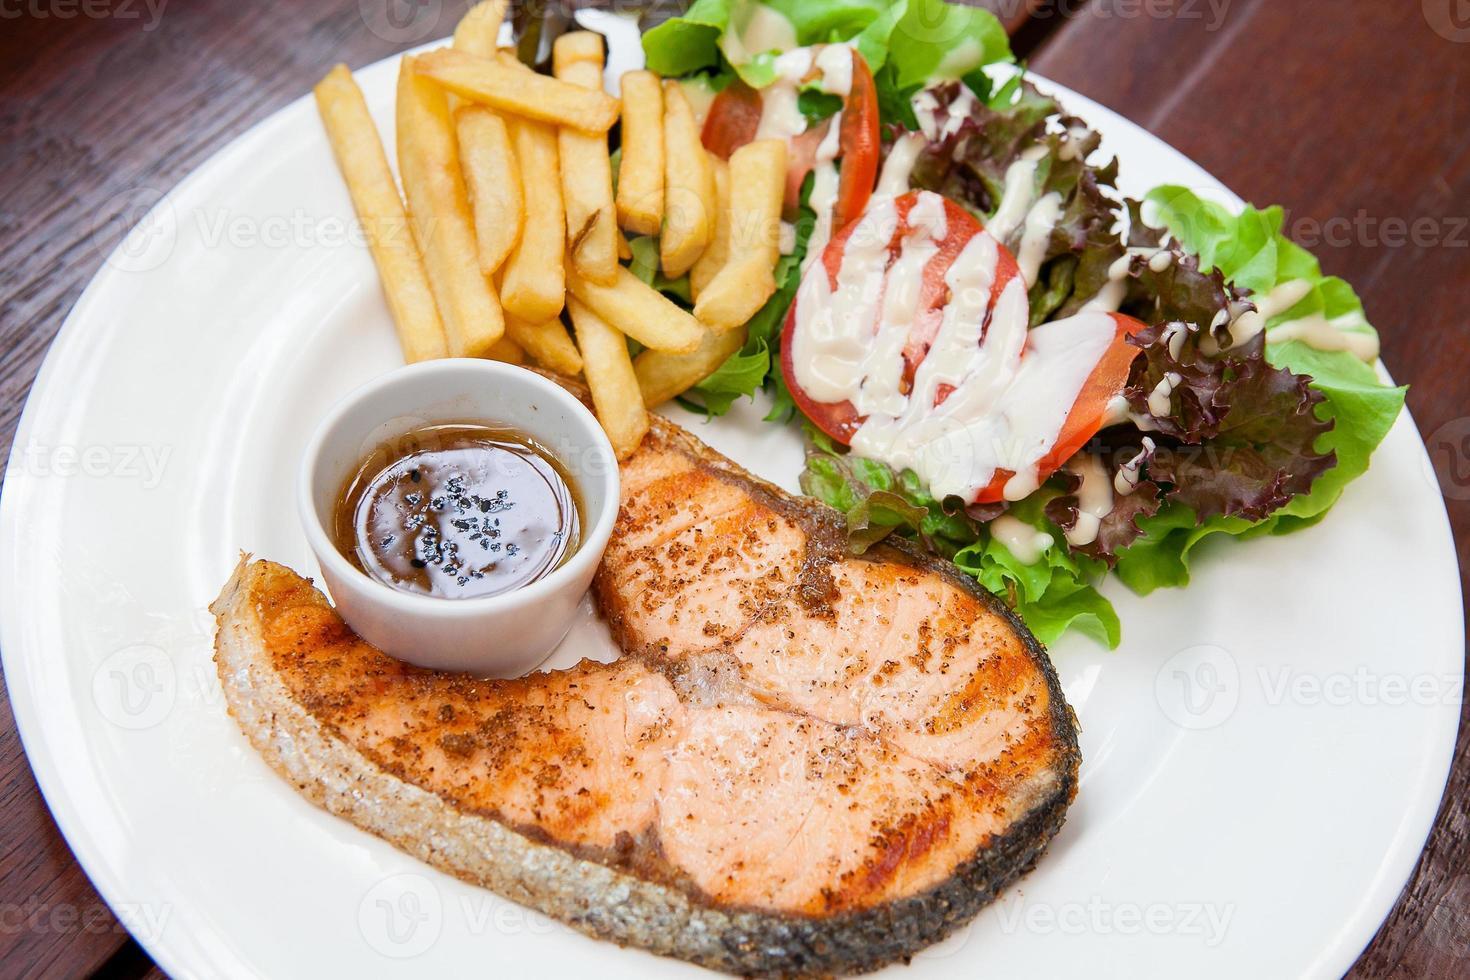 Lachssteak mit Salat und Pommes. foto